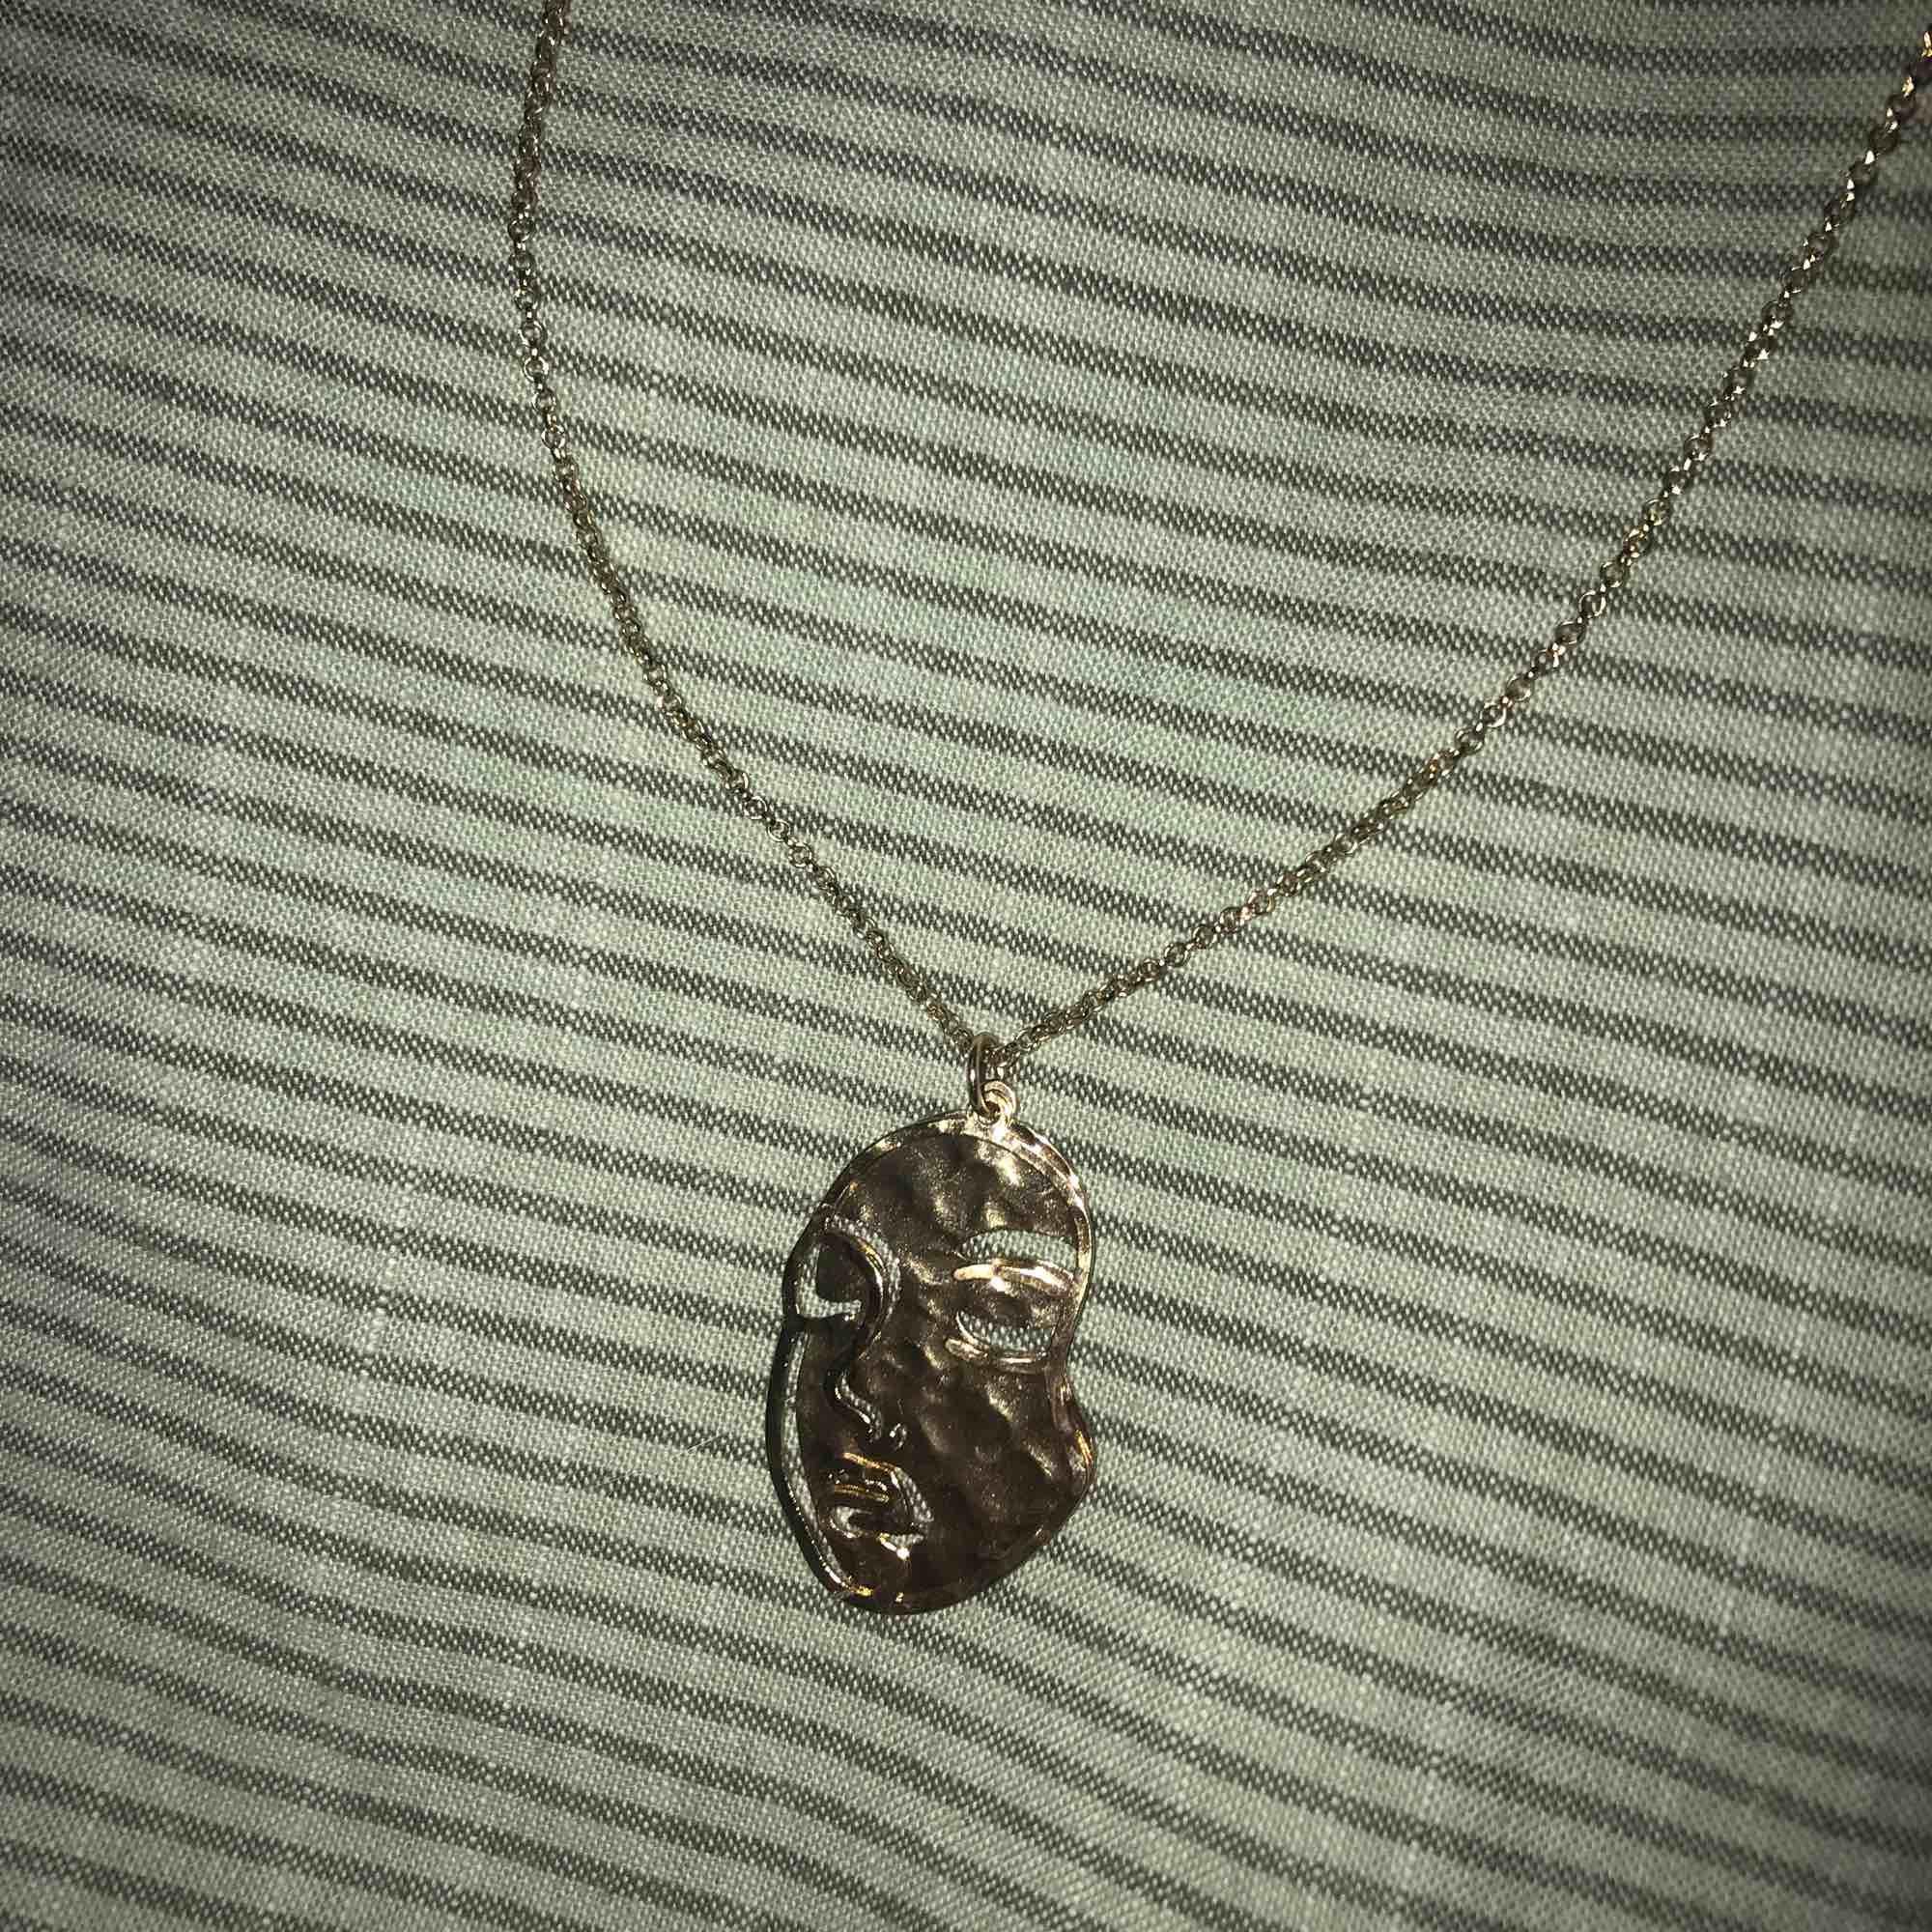 Fint halsband från JC🍯 Guldigt och passar till mycket!🤗 halsbandet är i nyskick. Accessoarer.